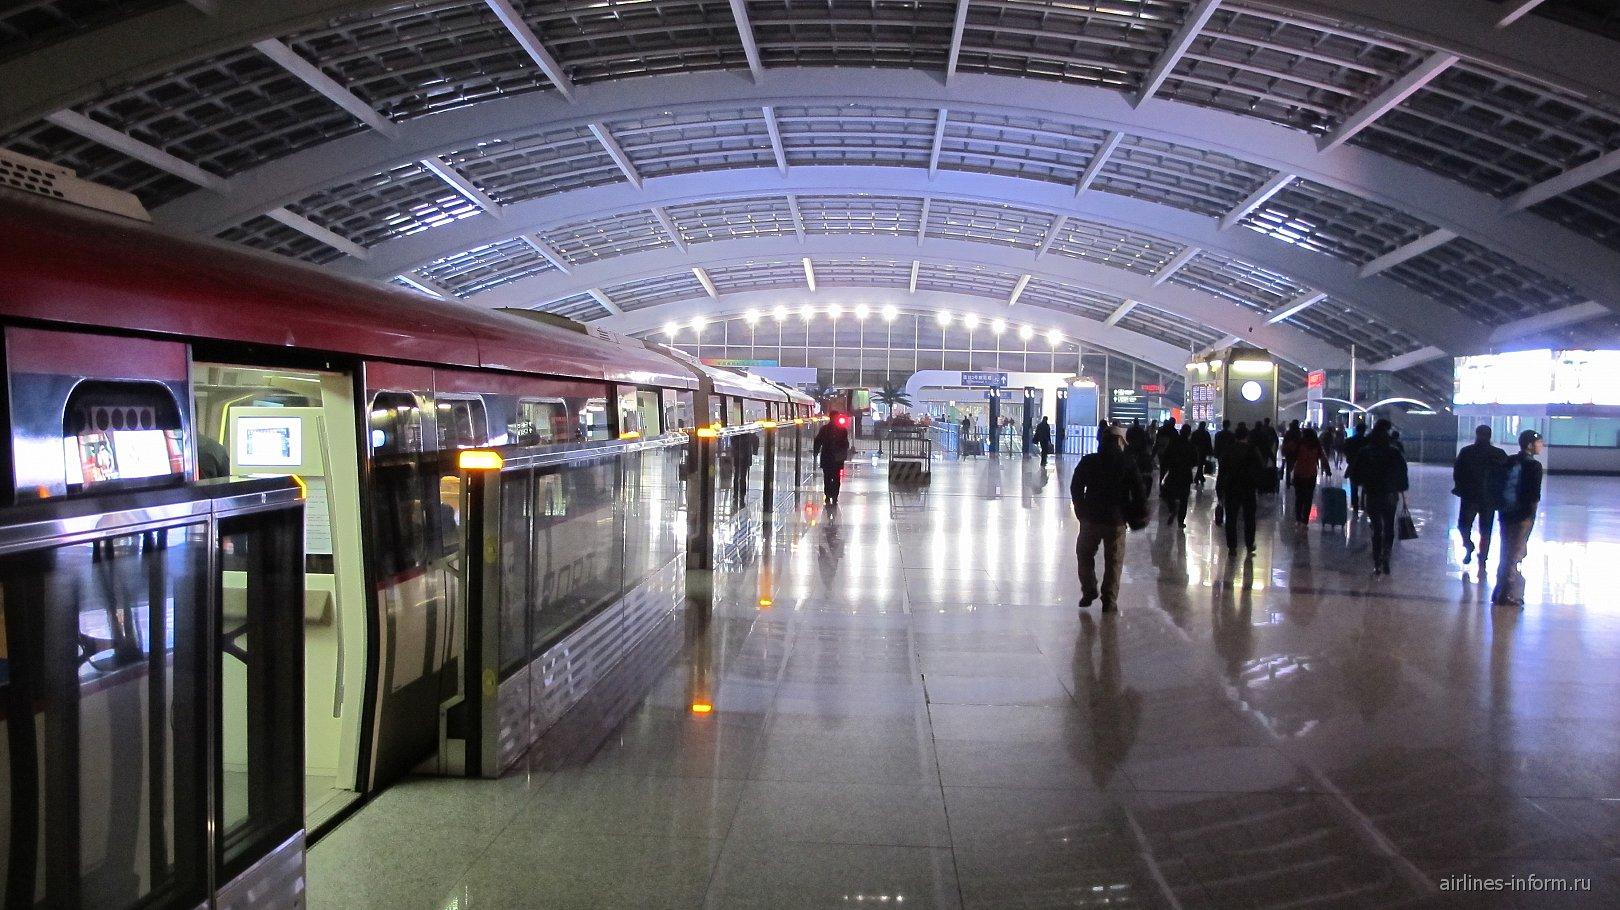 Станция Аэроэкспресса в Терминале 3 аэропорта Пекин Столичный